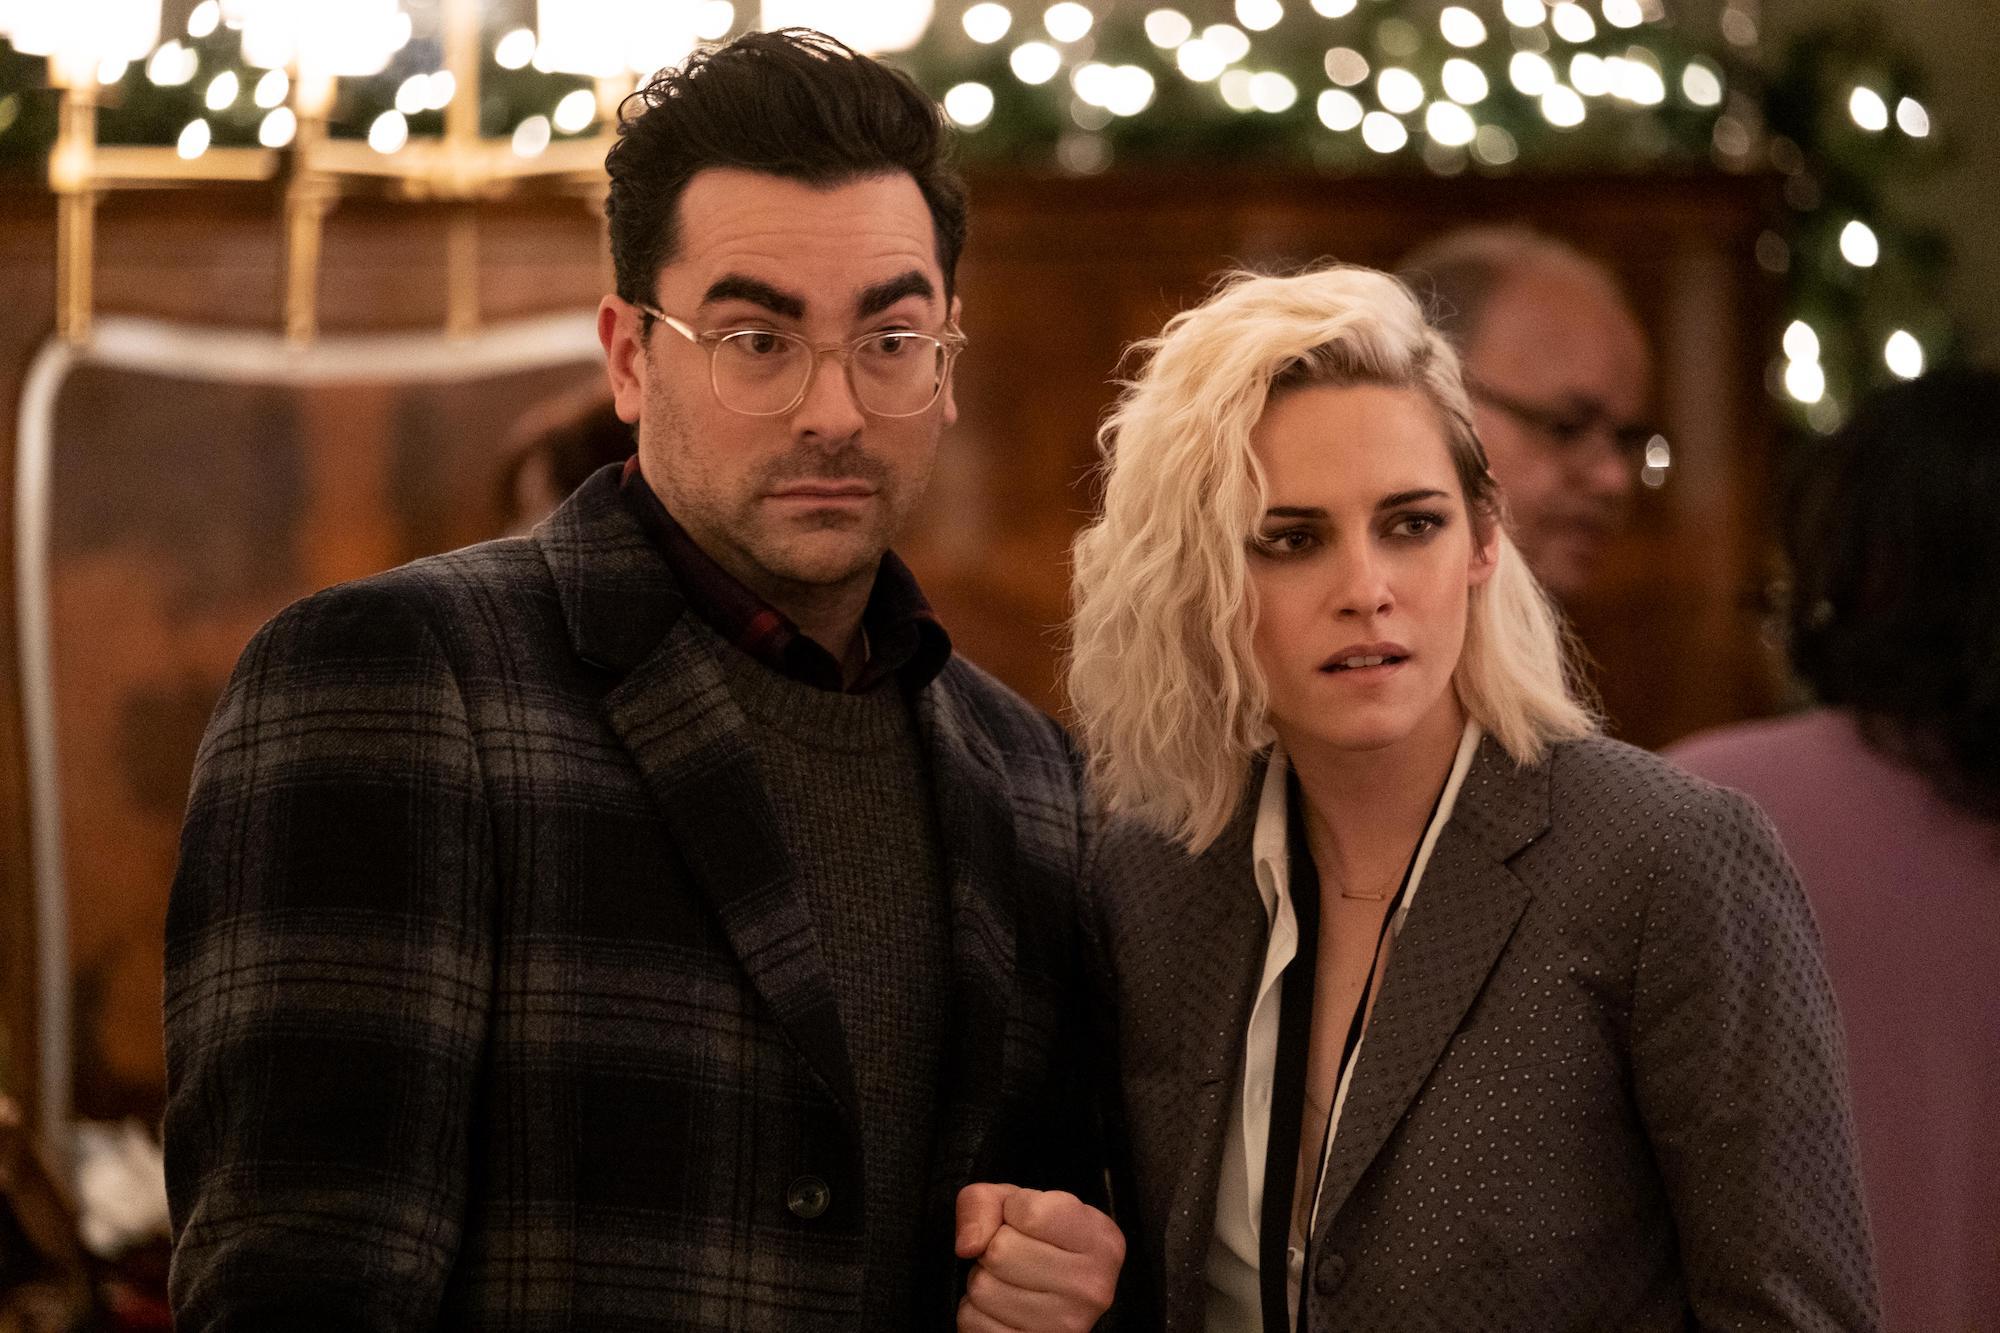 John (Dan Levy) and Abby (Kristen Stewart) in 'Happiest Season'